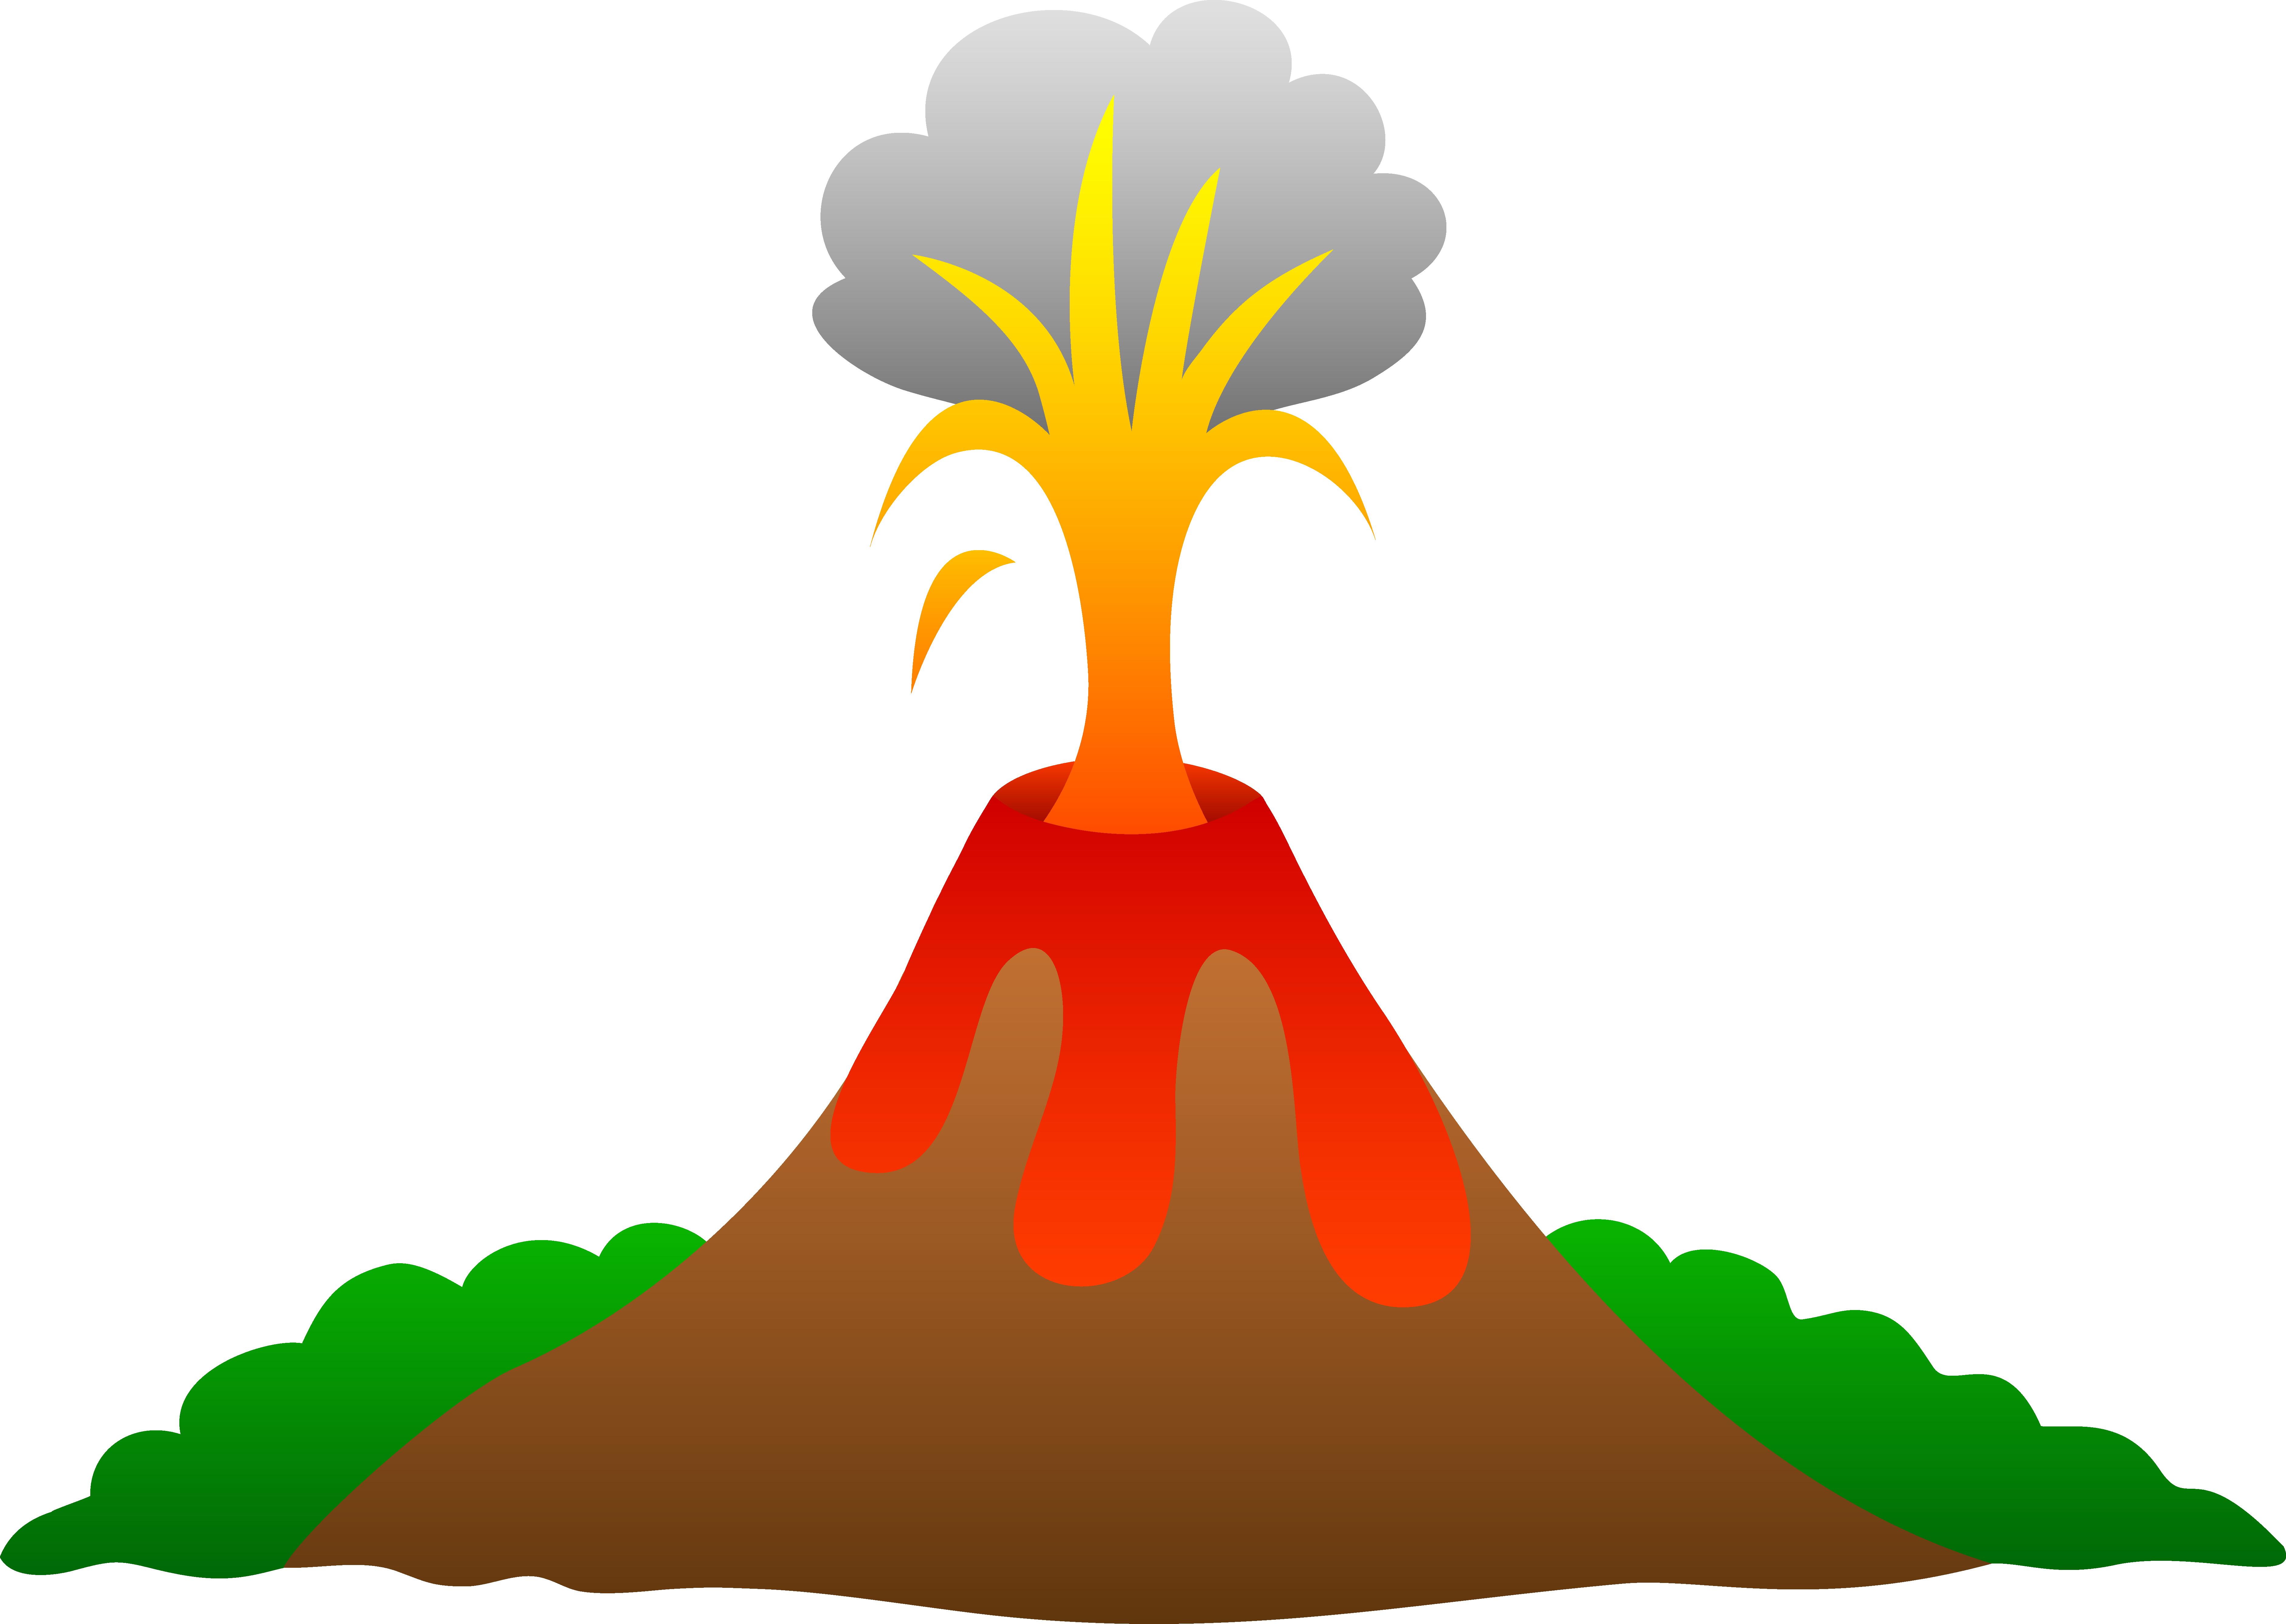 Clipart Of Erupting Volcano.